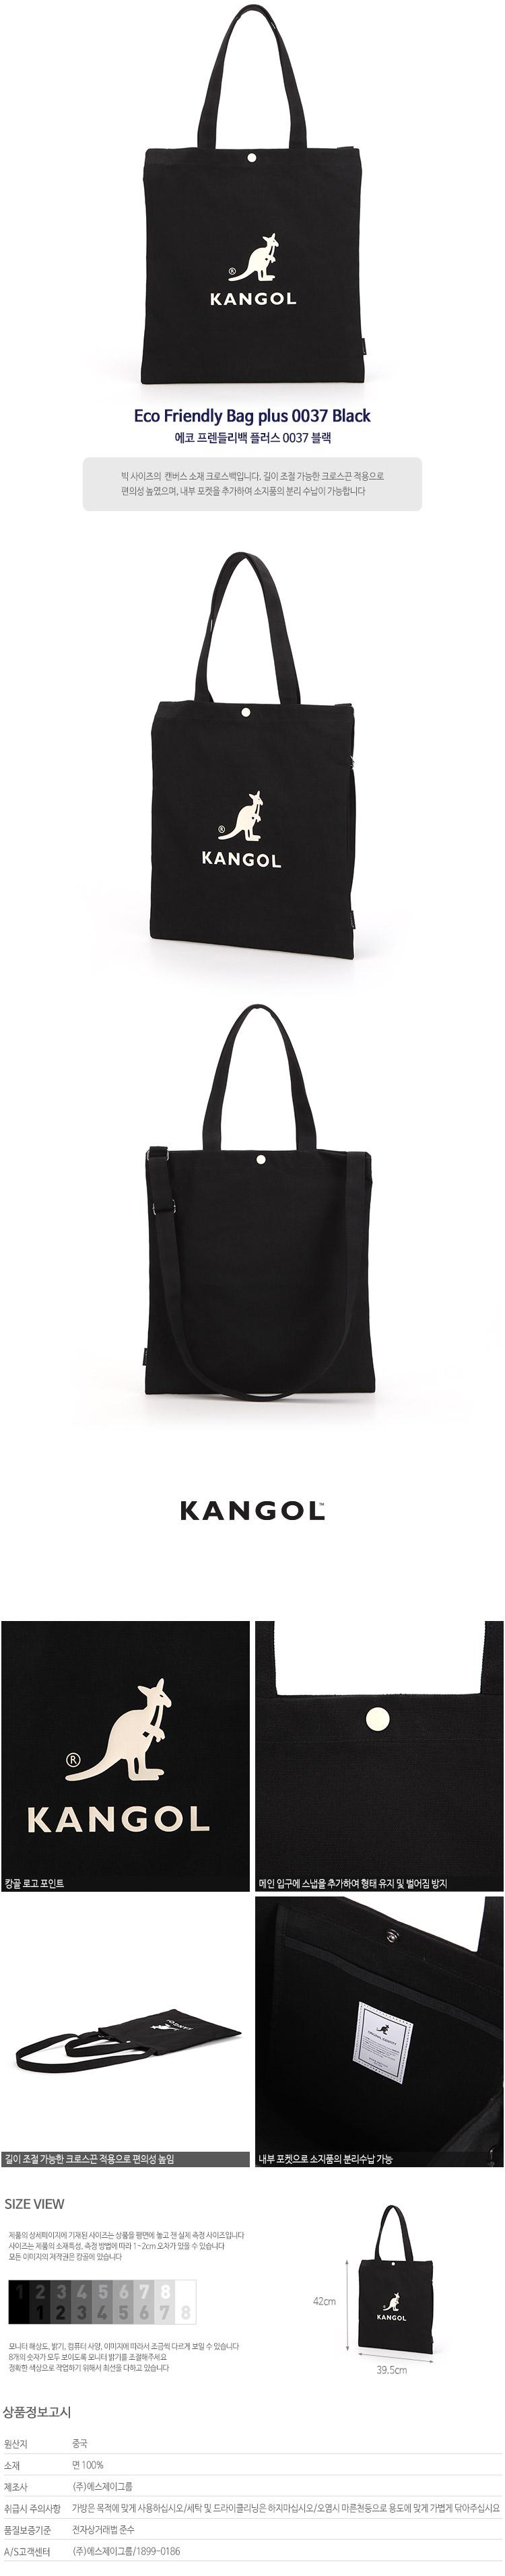 Eco Friendly Bag plus 0037 BLACK